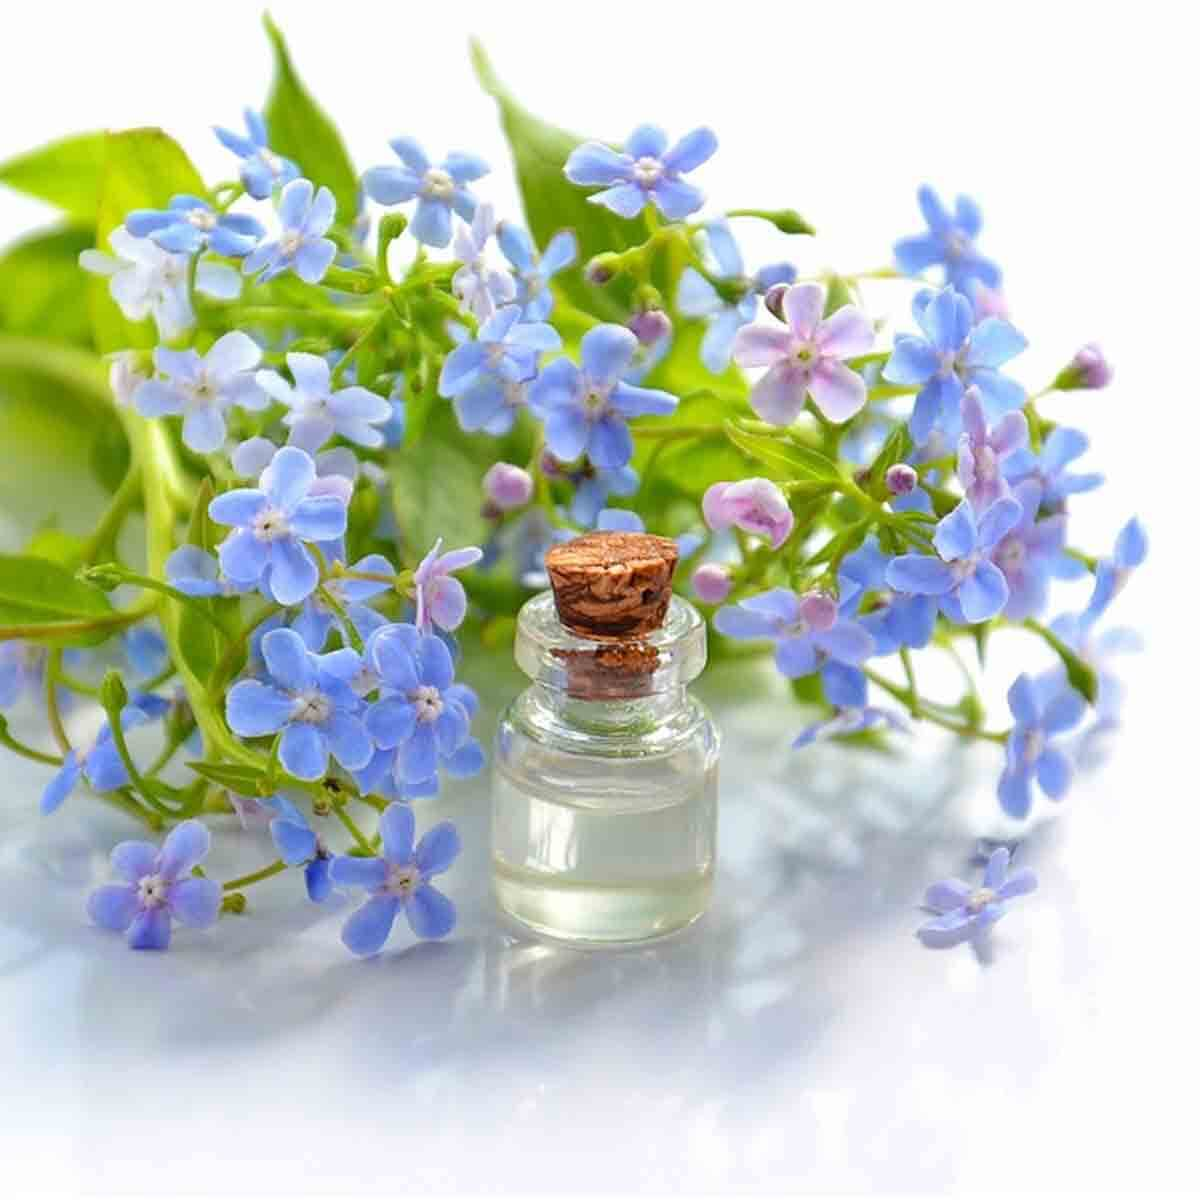 Huile_parfumee_AM-Cosmetiques.jpg